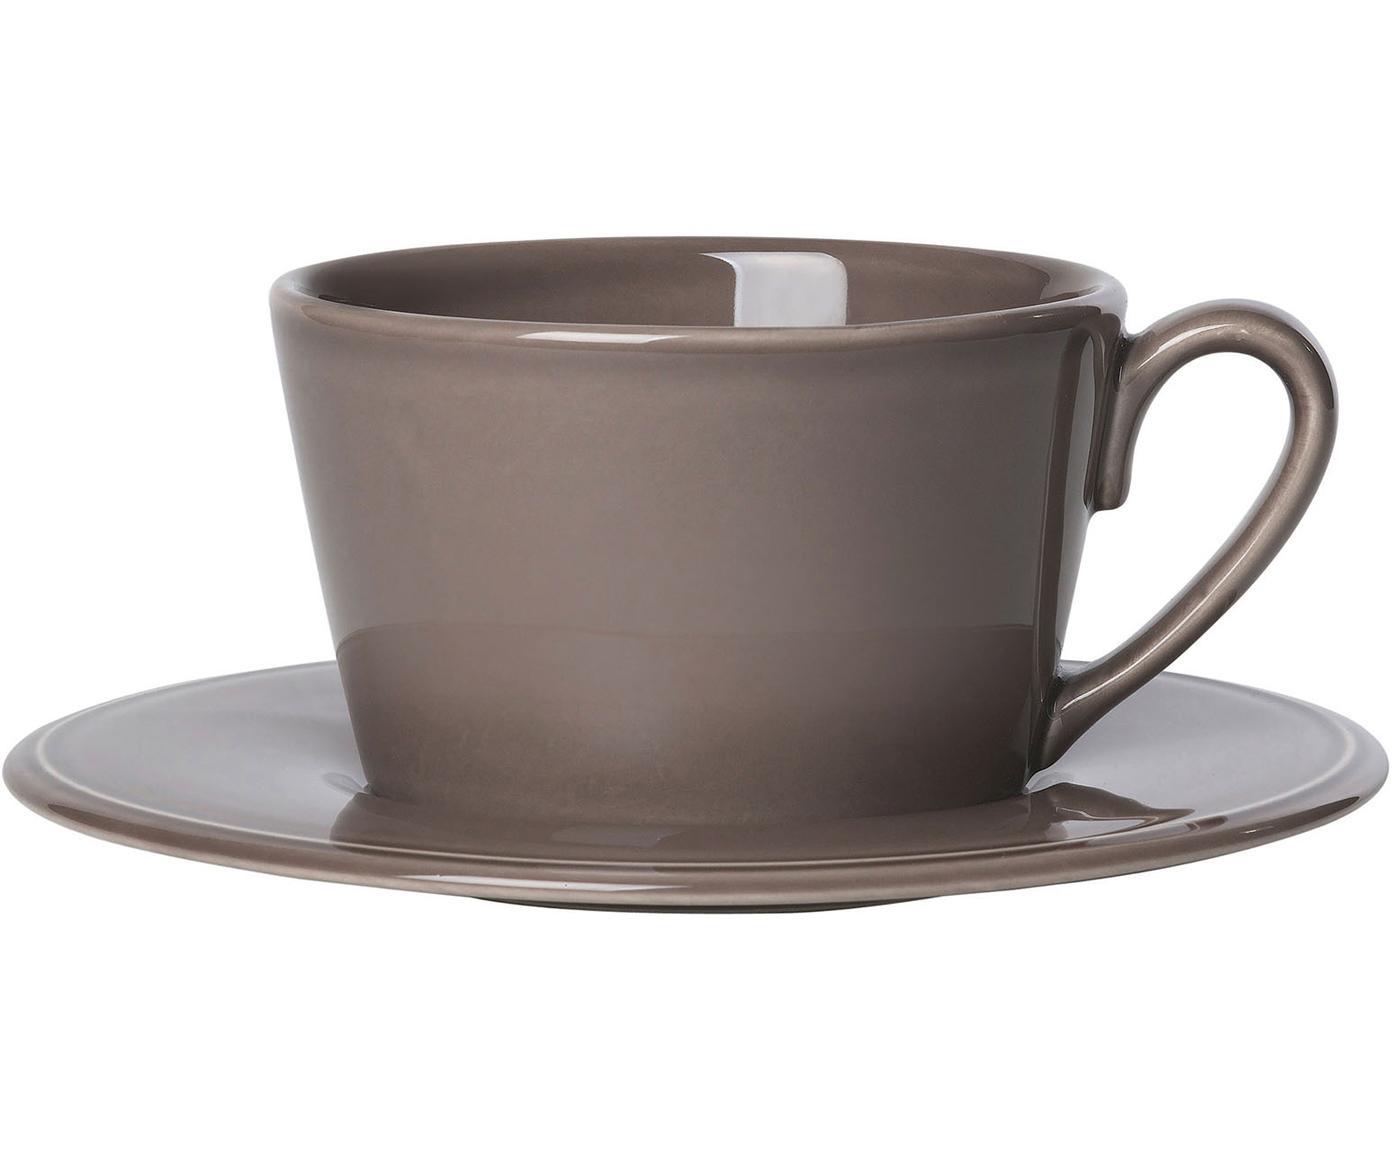 Tazza da tè con piattino Constance, Gres, Marrone, Ø 19 x Alt. 8 cm